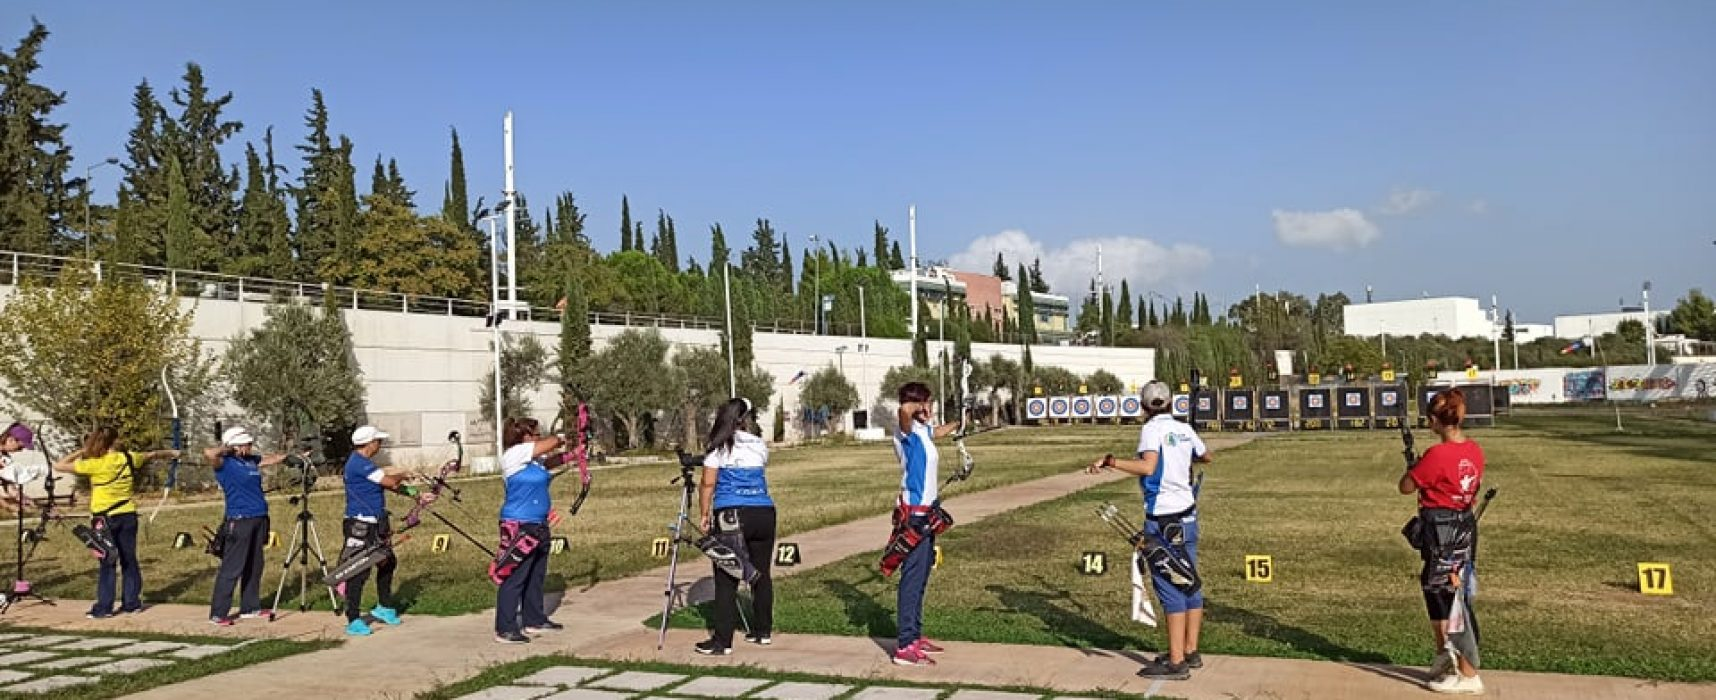 Τα αποτελέσματα στους αγώνες που έγιναν το Σάββατο 26 Σεπτεμβρίου σε Αθήνα και Θεσσαλονίκη